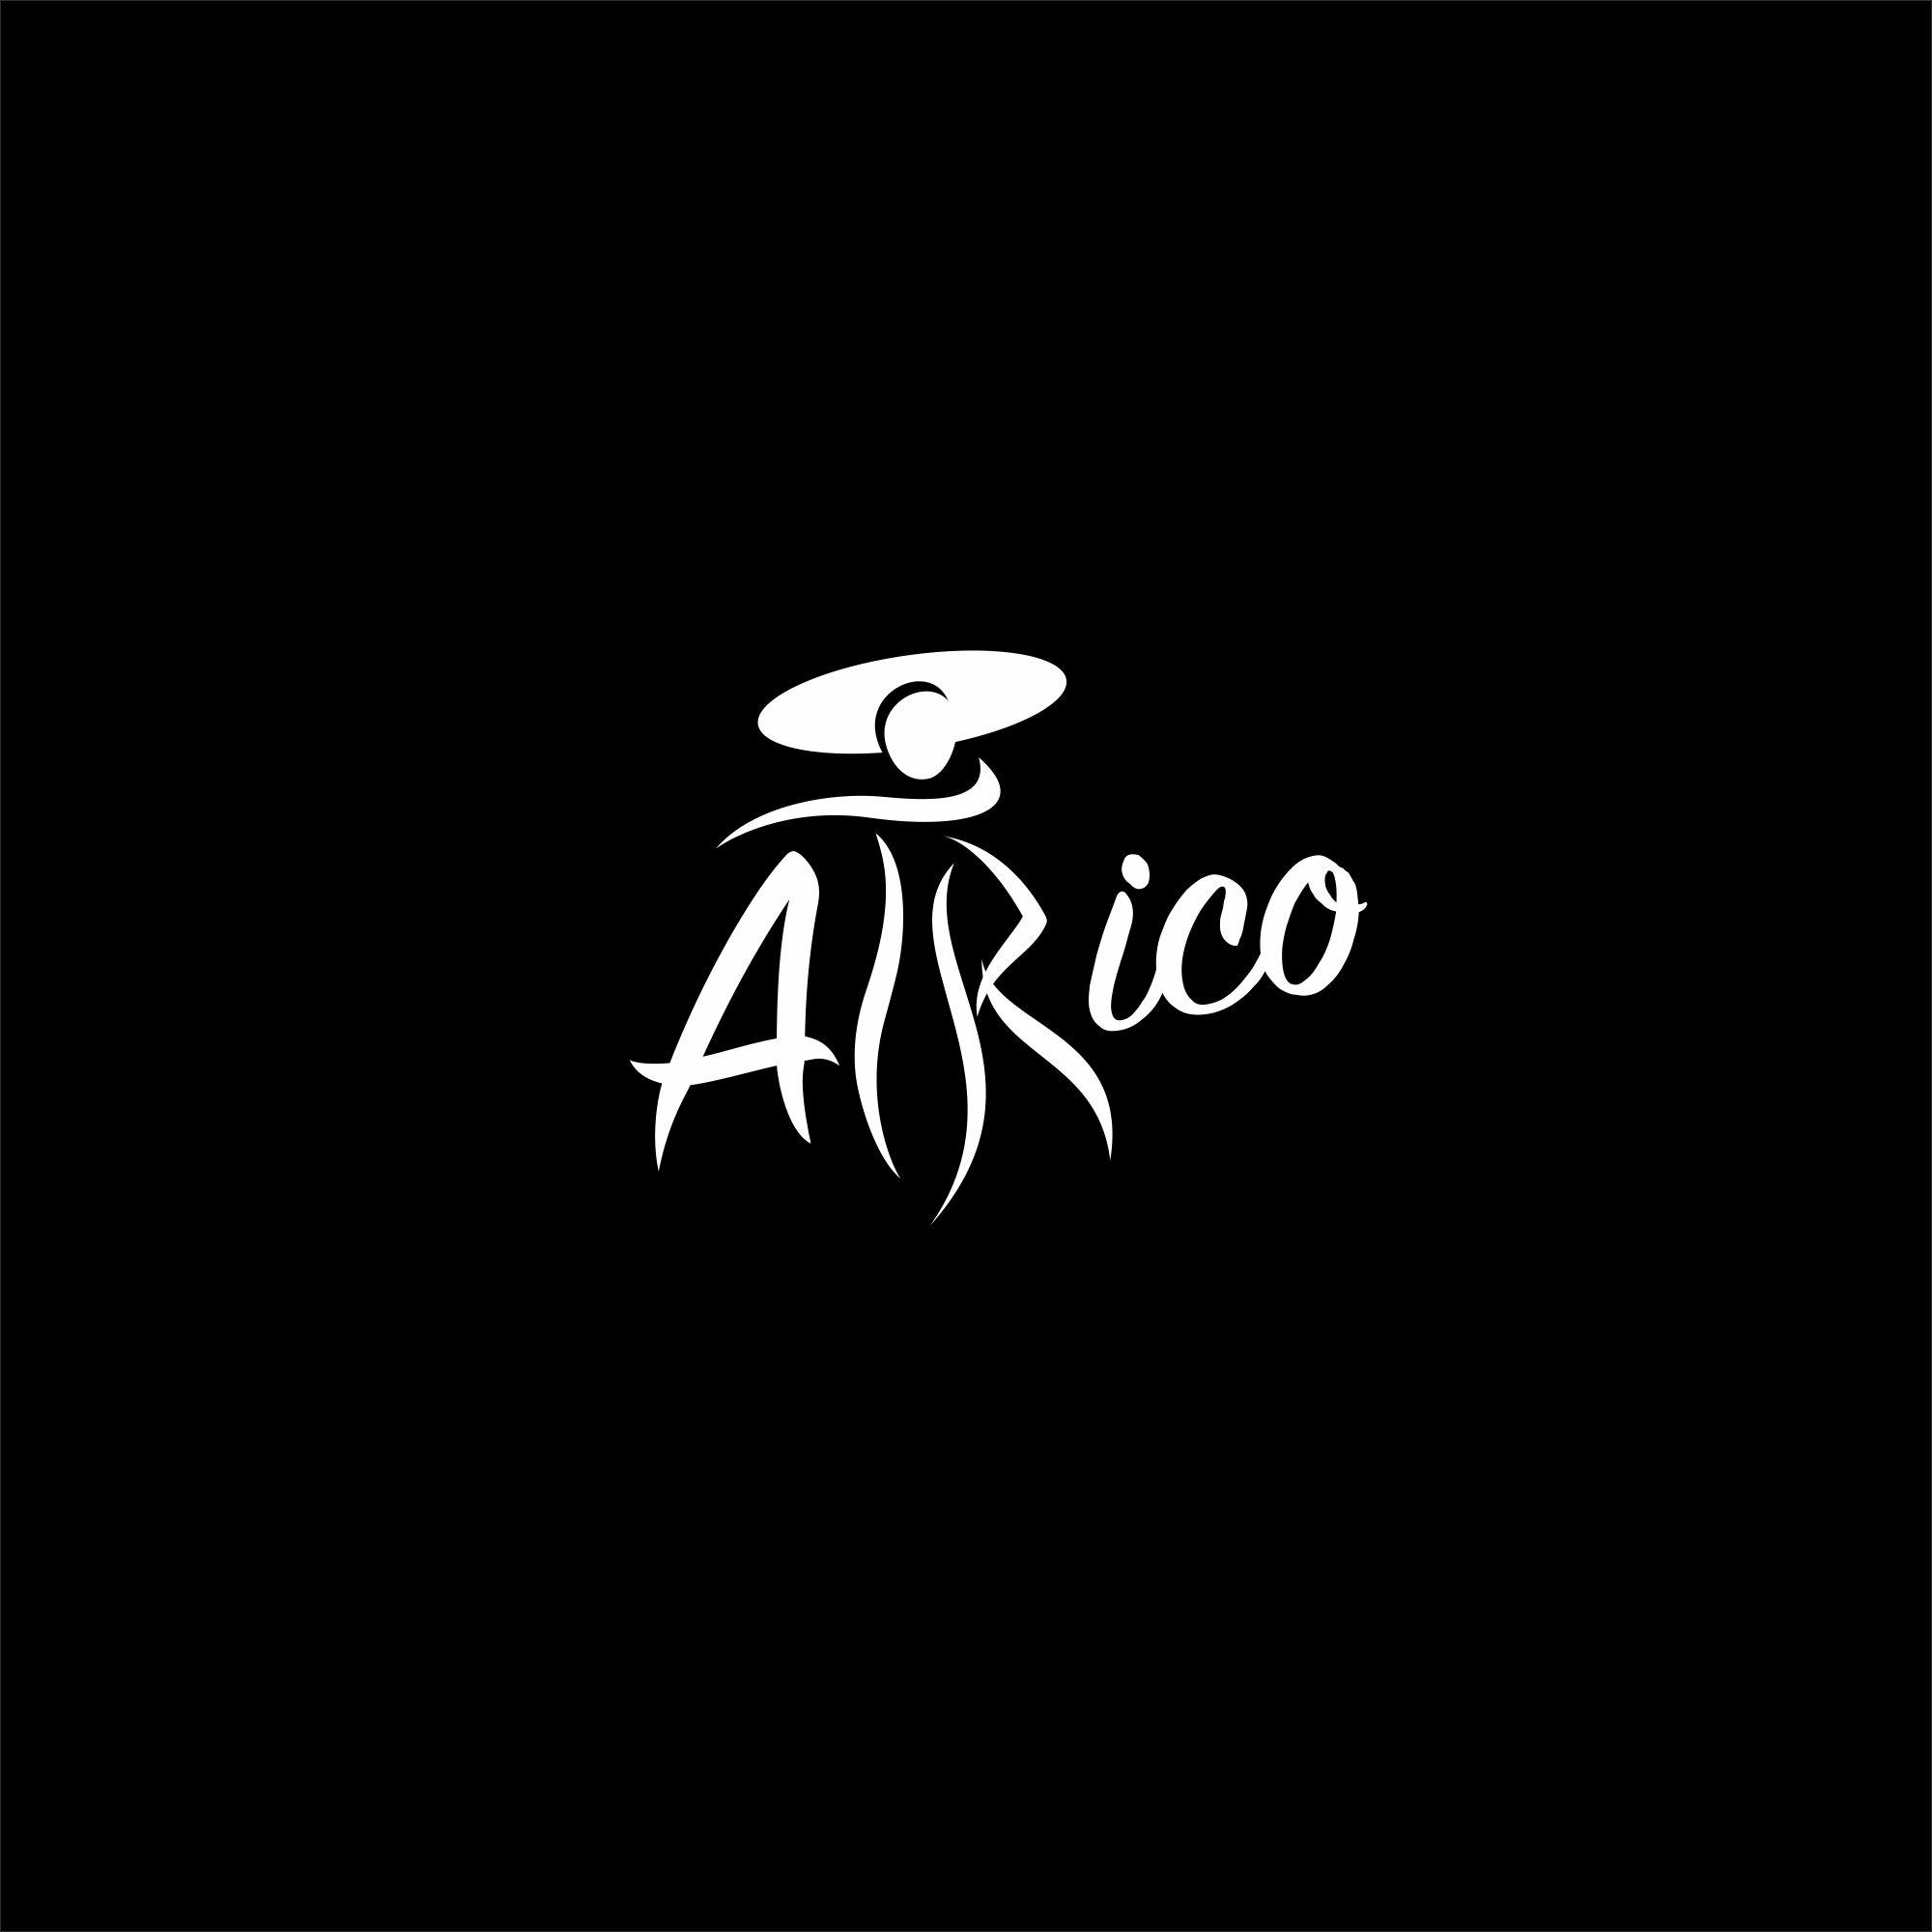 Логотип для брендовой пряжи и трикотажной одежды фото f_4955fff1d0ec6abc.jpg